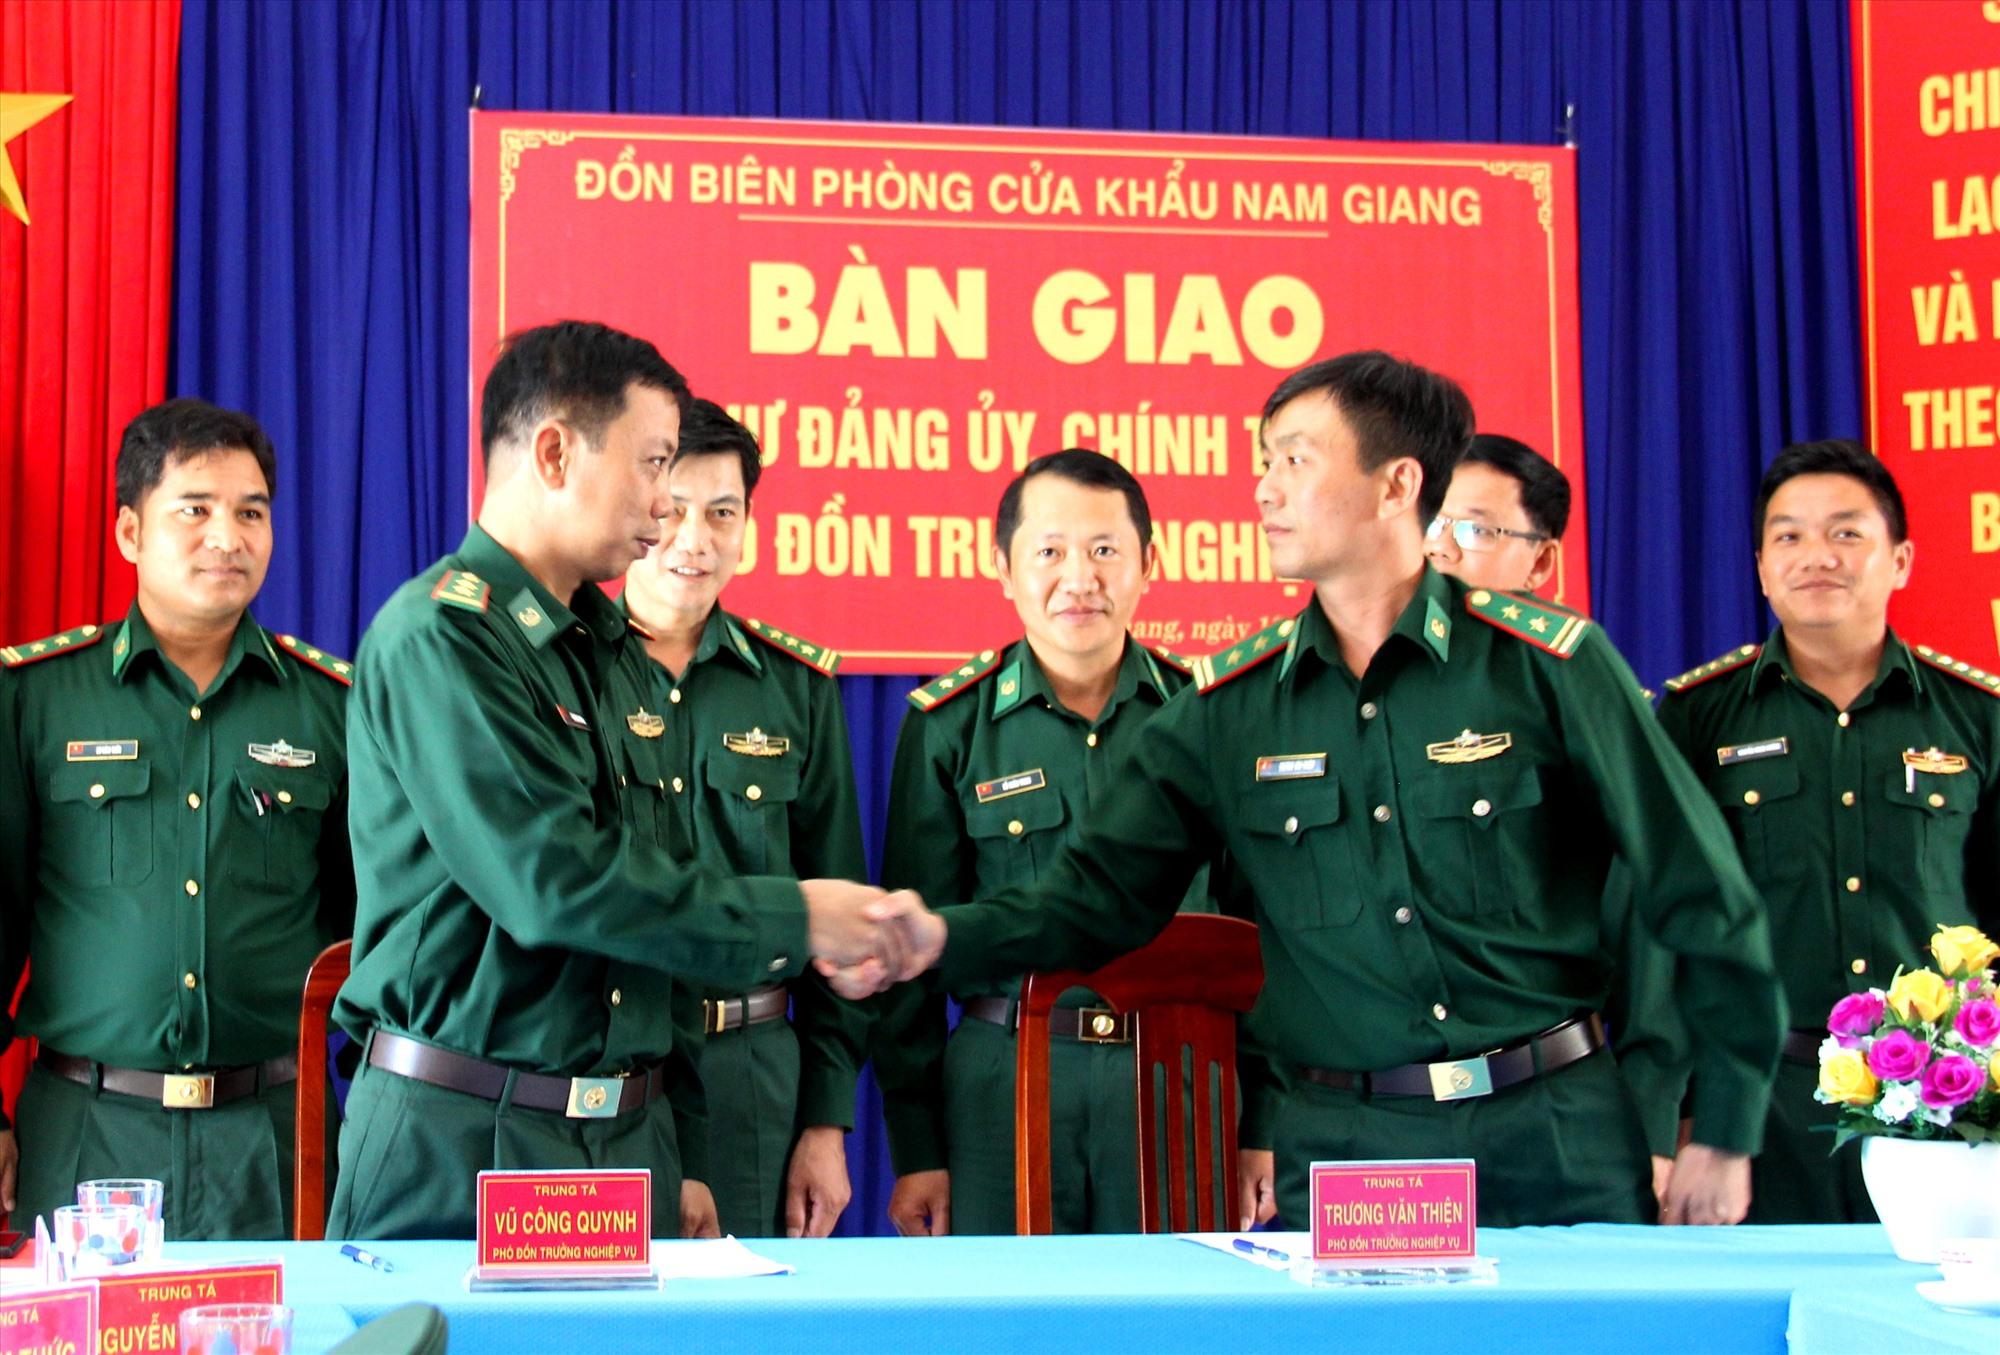 Đại diện lãnh đạo Bộ đội Biên phòng tỉnh chứng kiến lễ bàn giao nhiệm vụ giữa hai Phó đồn nghiệp vụ Đồn Biên phòng cửa khẩu Nam Giang. Ảnh: A.N